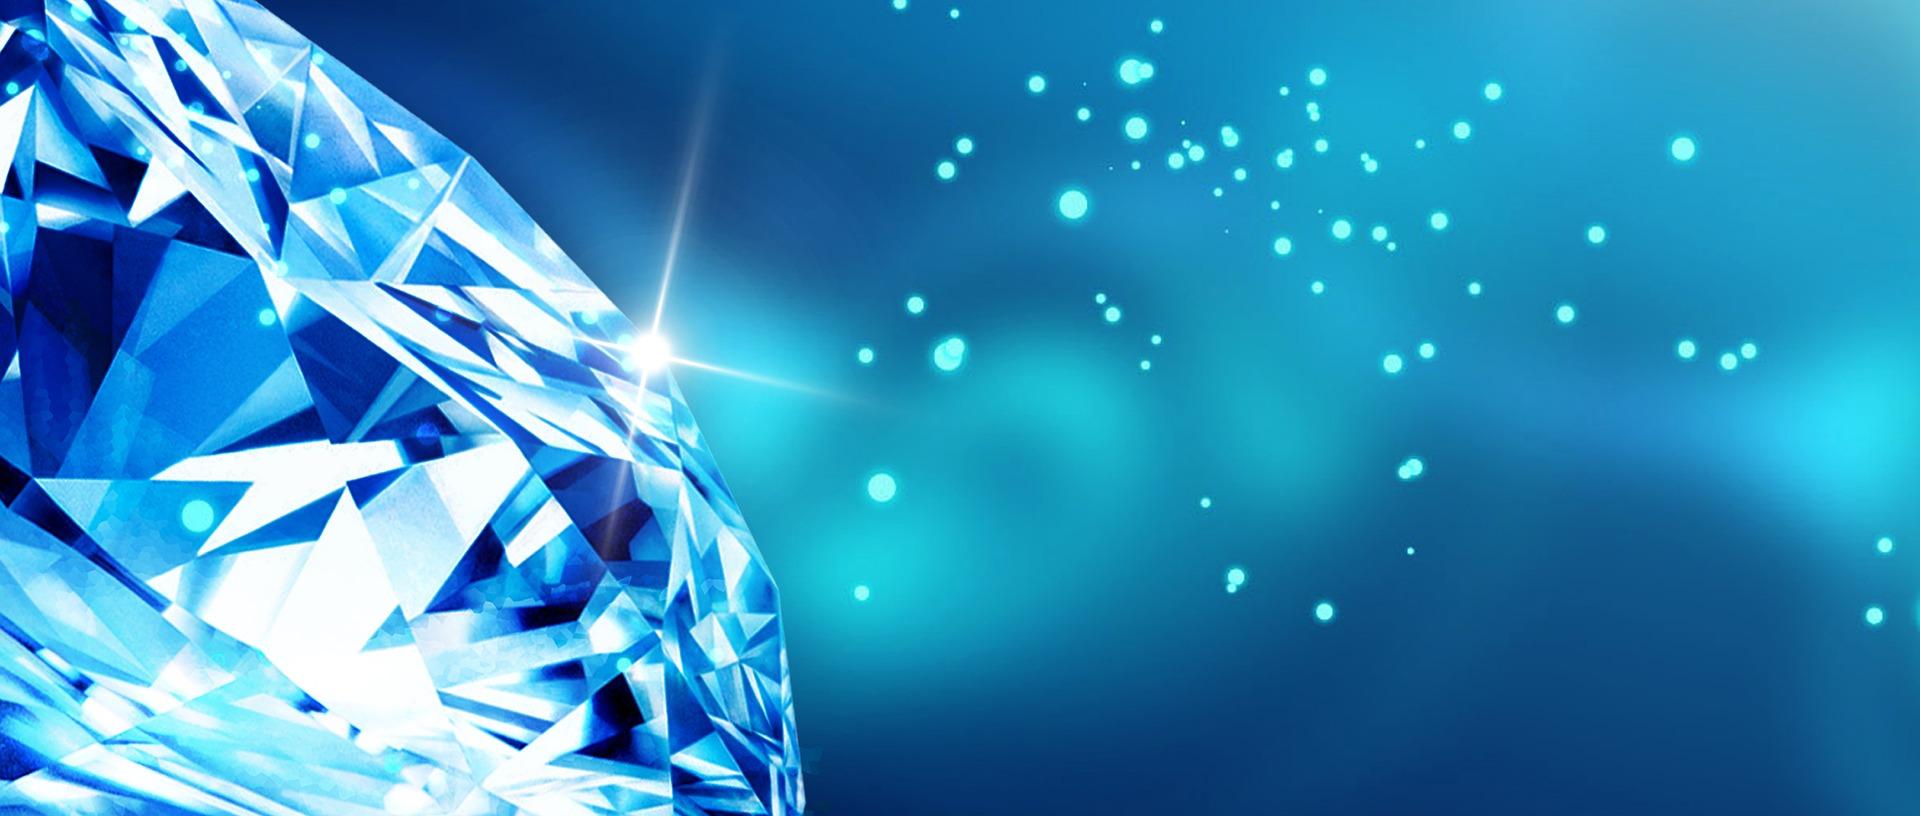 diamond-642131_1920.jpg